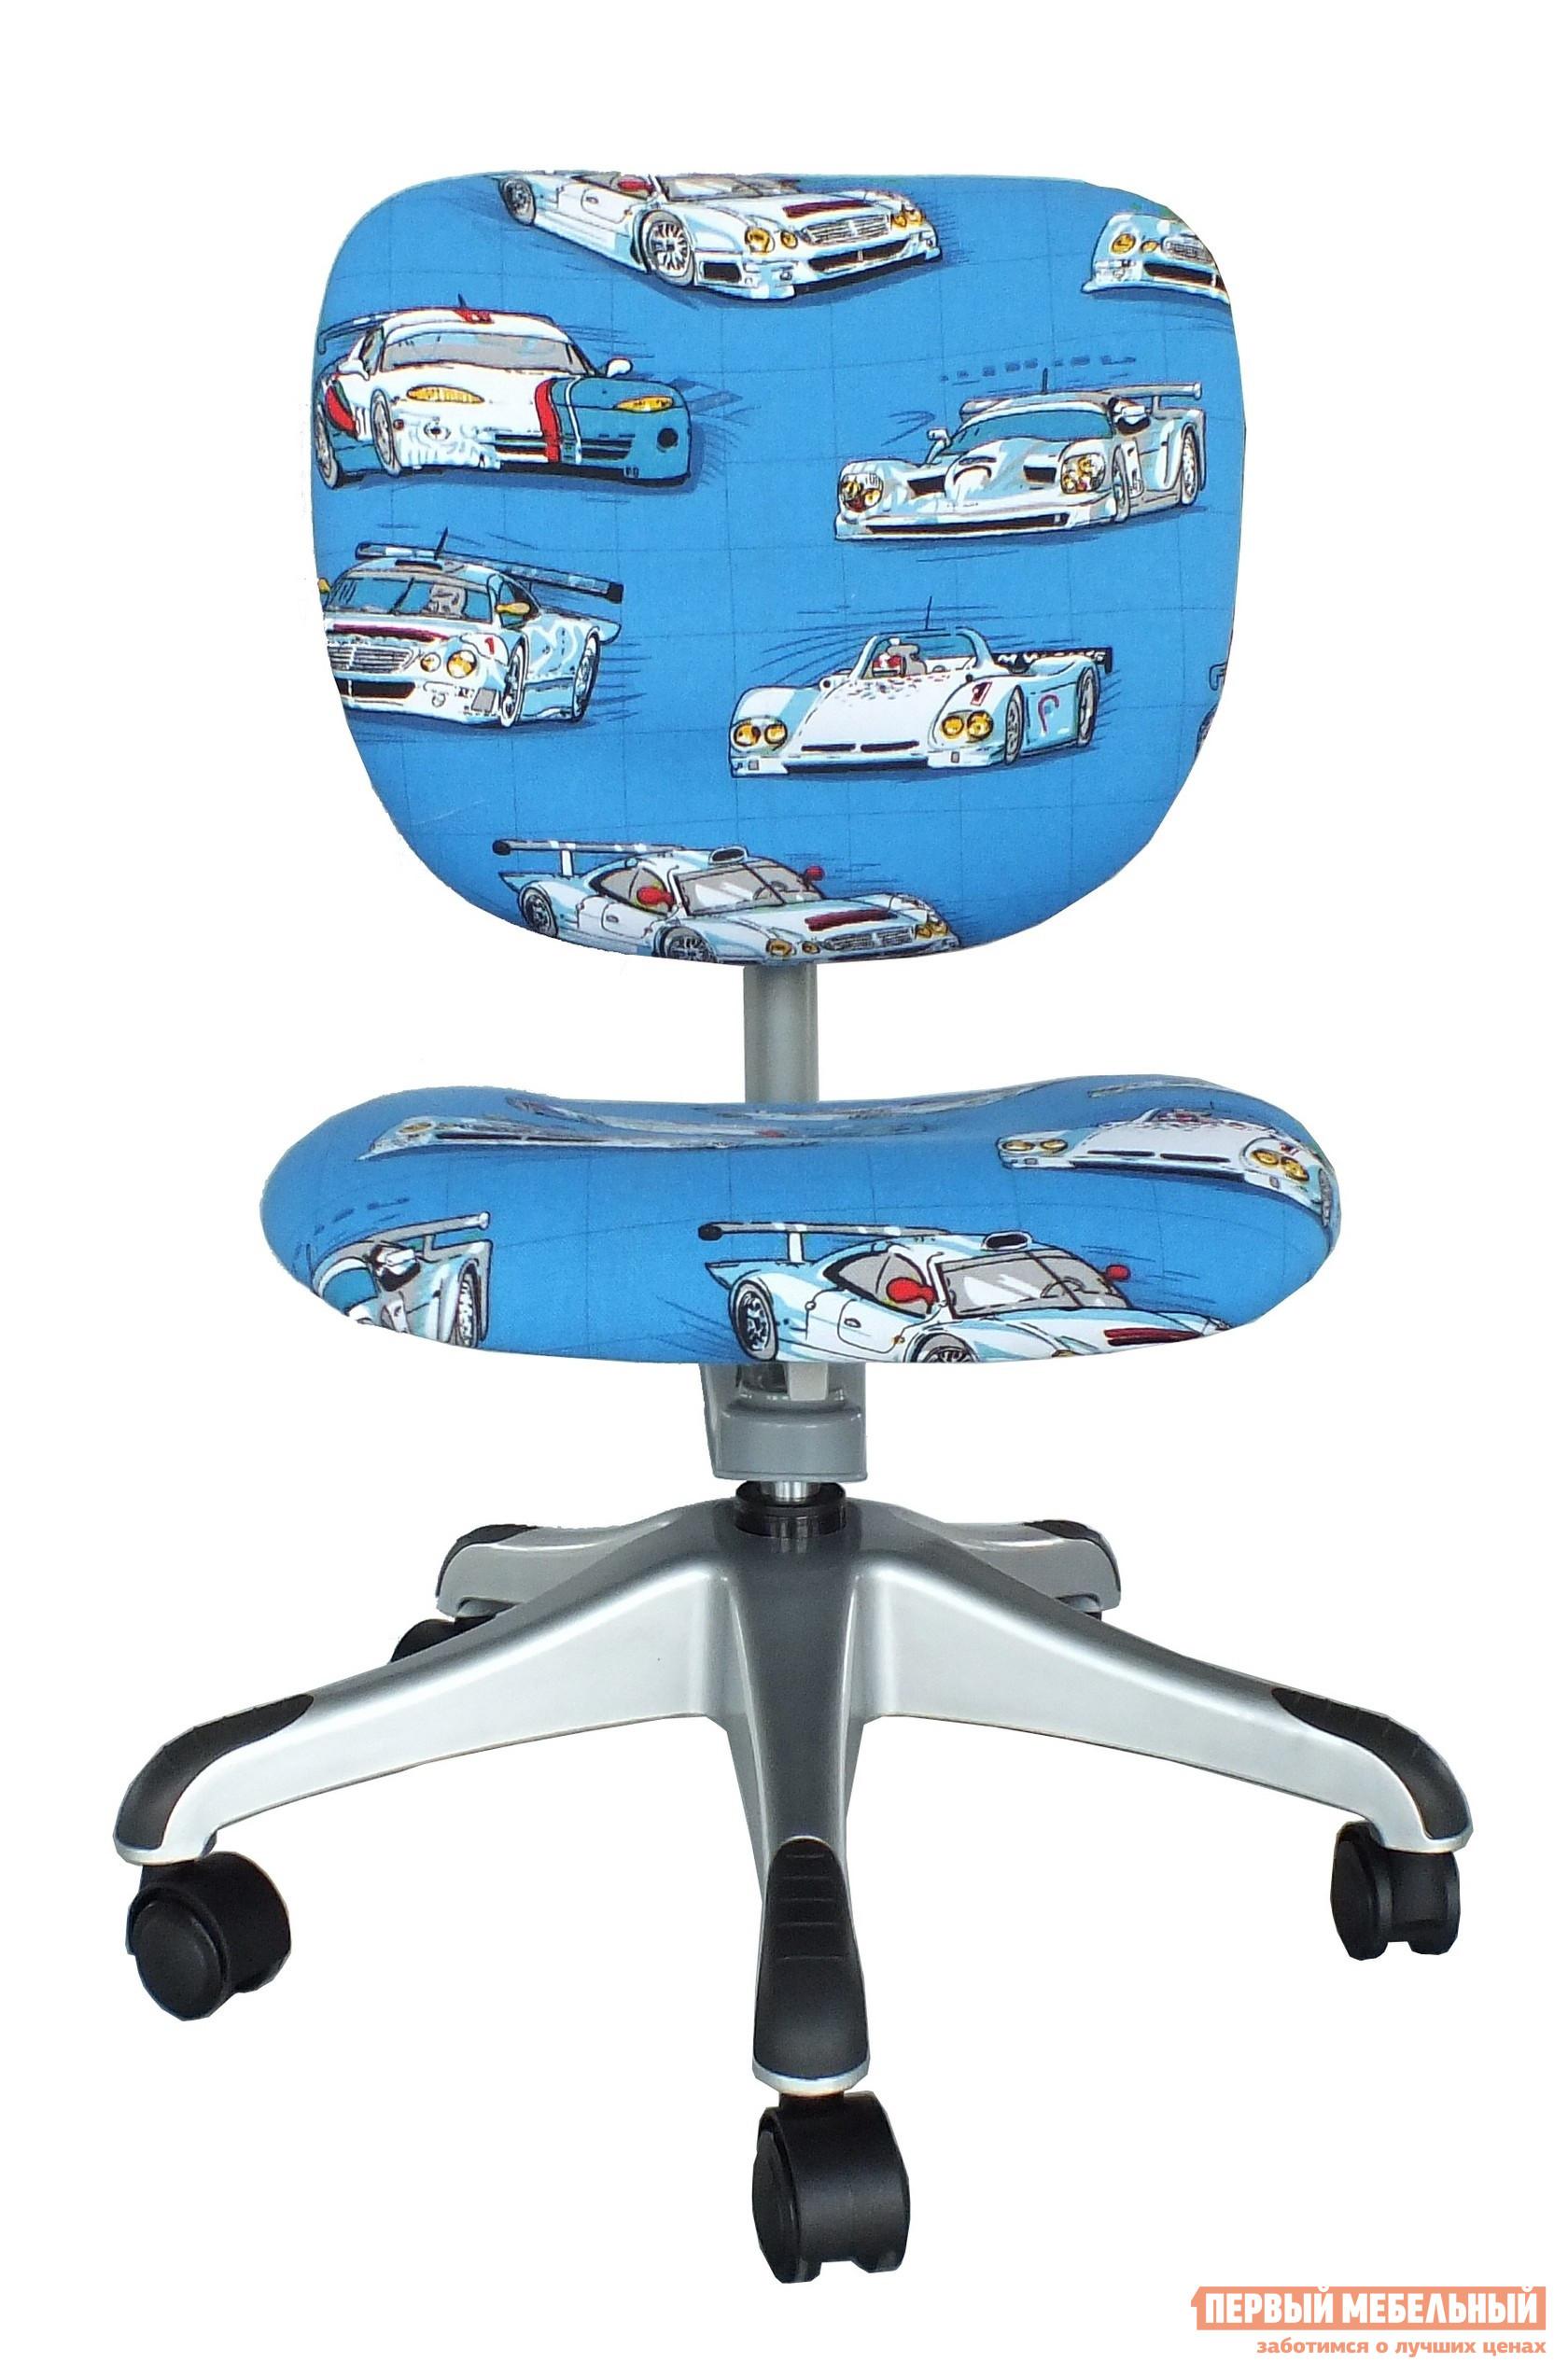 Компьютерное кресло Libao LB-C19 Blue Libao Габаритные размеры ВхШхГ 900xx мм. Кресло является достойным компромиссом между страстью малышей к ярким вещам, в том числе и предметам интерьера, и стремлением родителей окружить ребенка специализированными вещами, укрепляющими здоровье.  Регулировки по высоте спинки и сидения позволят адаптировать кресло под индивидуальные особенности ребенка.  Эргономичная форма спинки является гарантией, что во время занятий и отдыха нагрузка на мышцы спины будет правильно распределена, что является залогом развития правильной осанки.  Маневренные колесики позволяют с легкостью перемещать пустое кресло.  Под давлением веса колесики фиксируются, не давая превратить кресло в опасную игрушку.  Яркие цвета обивки помогут удовлетворить вкус маленького привереды. <br>Максимальная высота сиденья – 53 см, максимальная высота кресла – 90 см, максимальная нагрузка – 100 кг. <br>